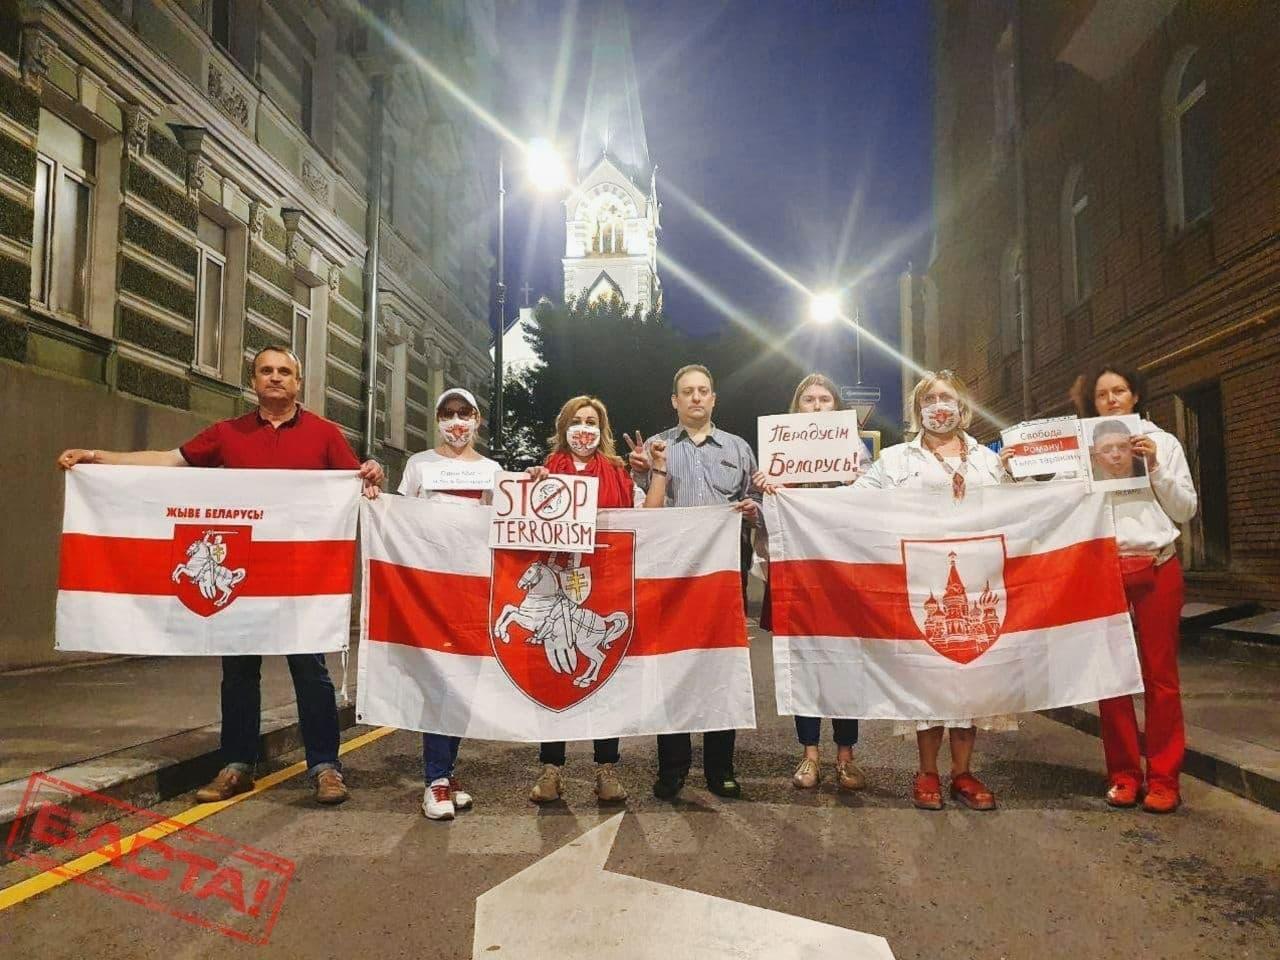 Более 200 человек собралось на площади в Амстердаме, чтобы поддержать белорусов2